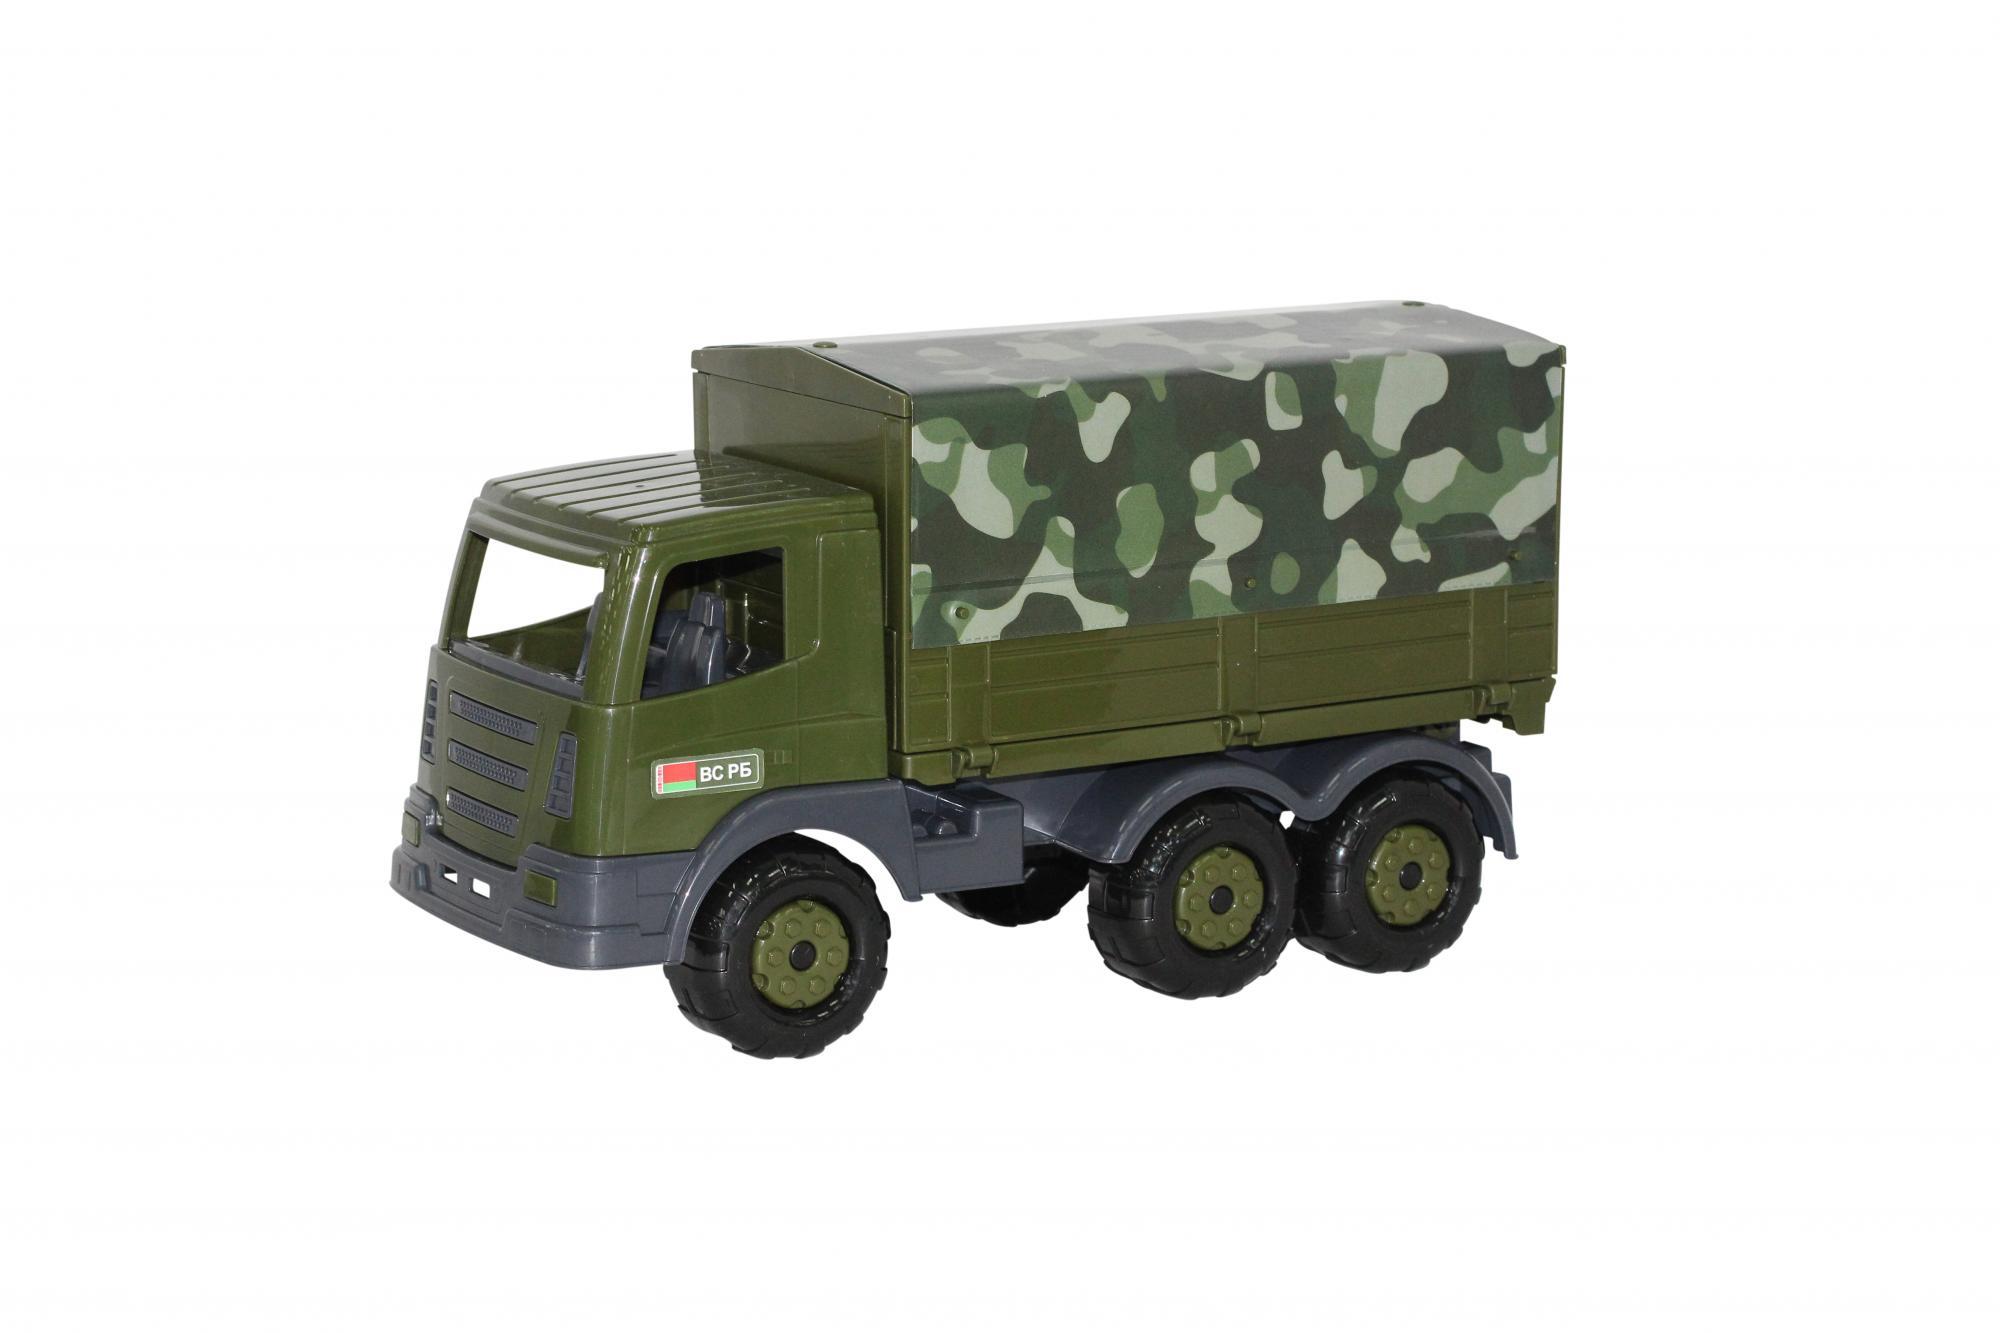 Автомобиль бортовой тентовый военный ПрестижВоенная техника<br>Автомобиль бортовой тентовый военный Престиж<br>